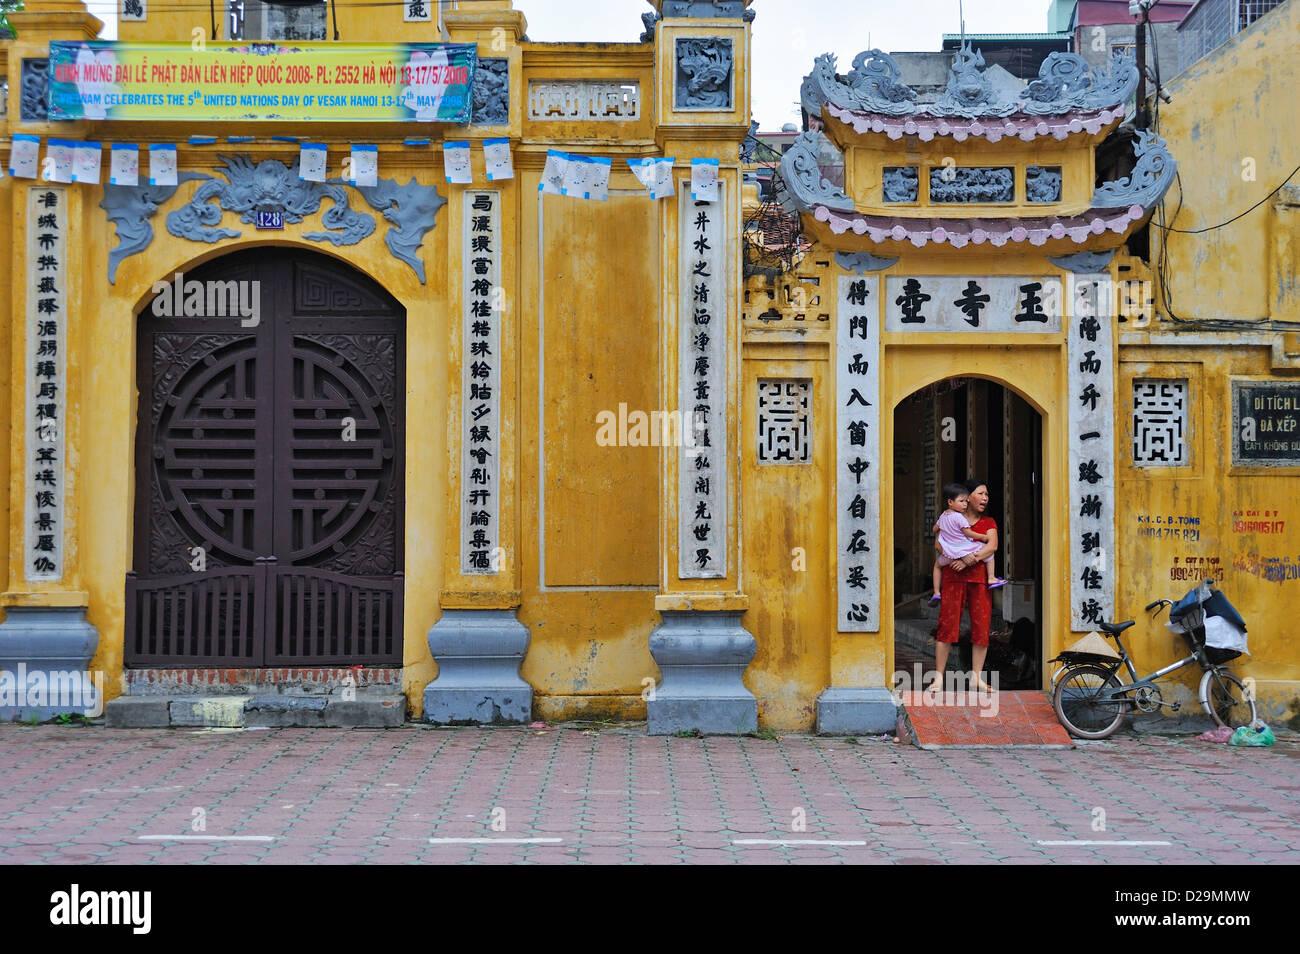 Reich verzierte Gebäude im Stadtzentrum von Hanoi, Vietnam Stockbild